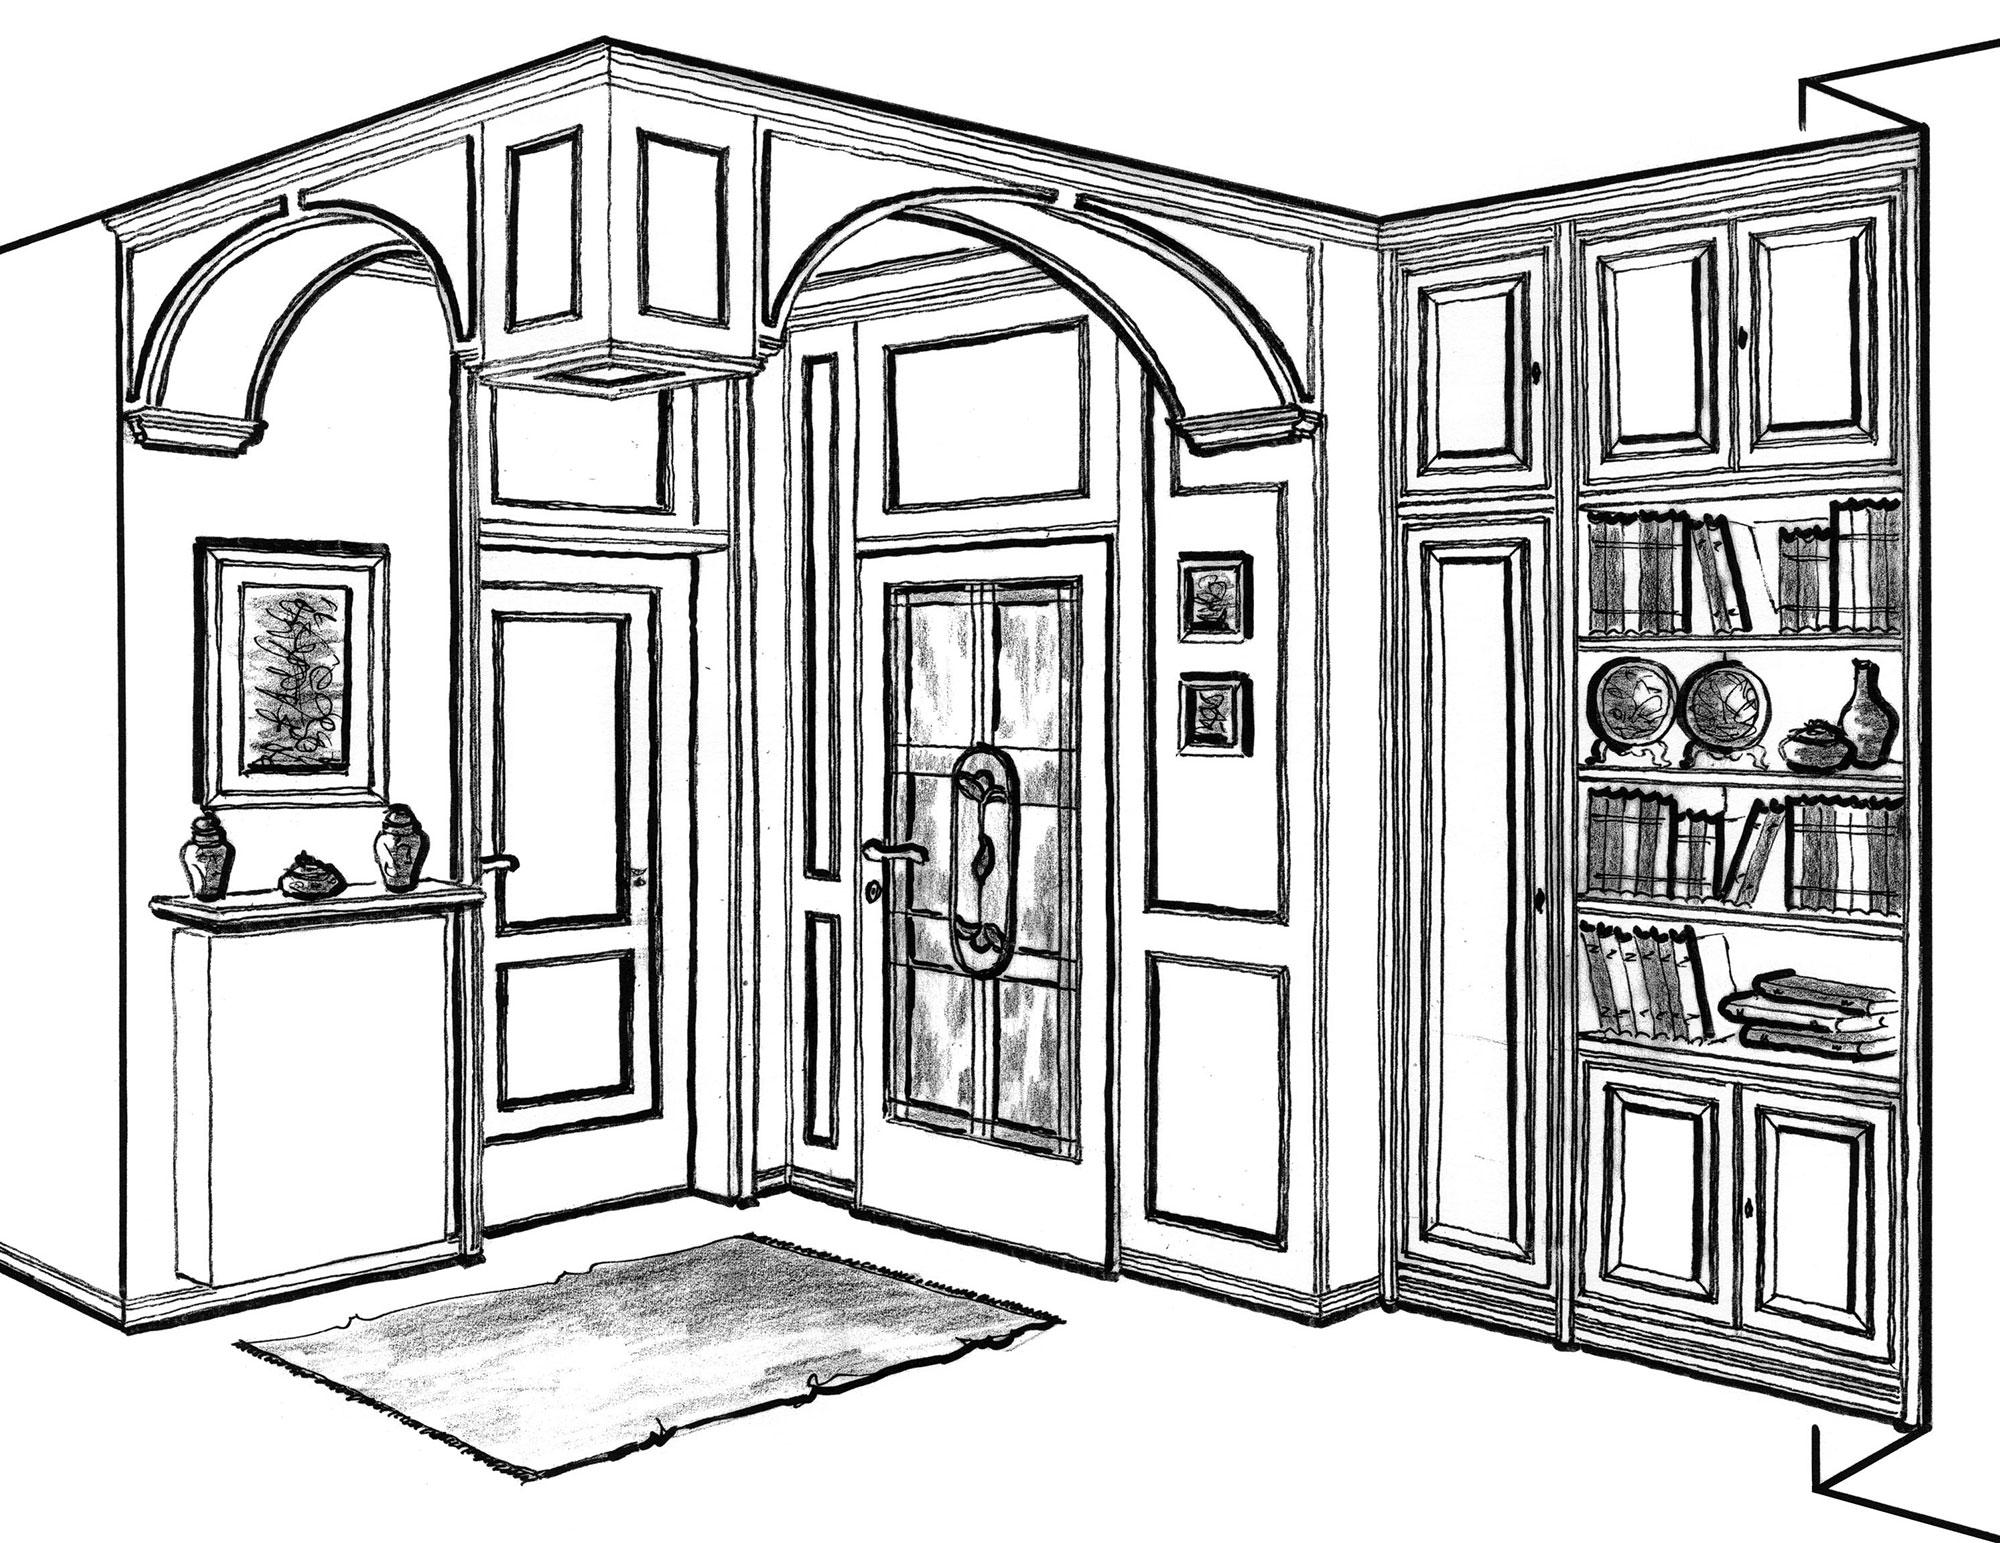 Marangoni mobili d 39 arte progetti - Mobili d arte ...